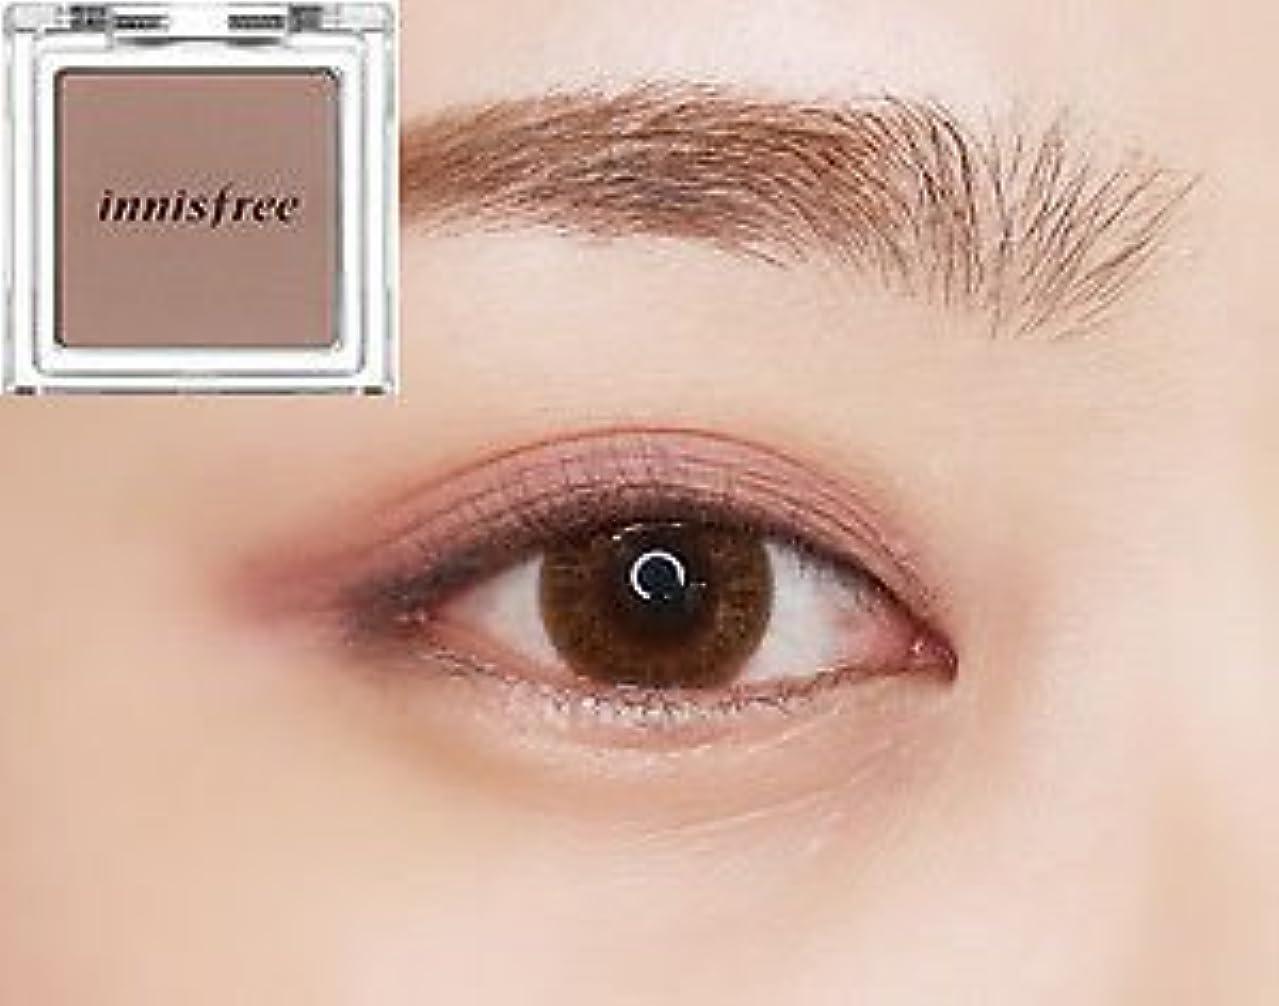 動機配偶者通貨[イニスフリー] innisfree [マイ パレット マイ アイシャドウ (マット) 40カラー] MY PALETTE My Eyeshadow (Matte) 40 Shades [海外直送品] (マット #26)